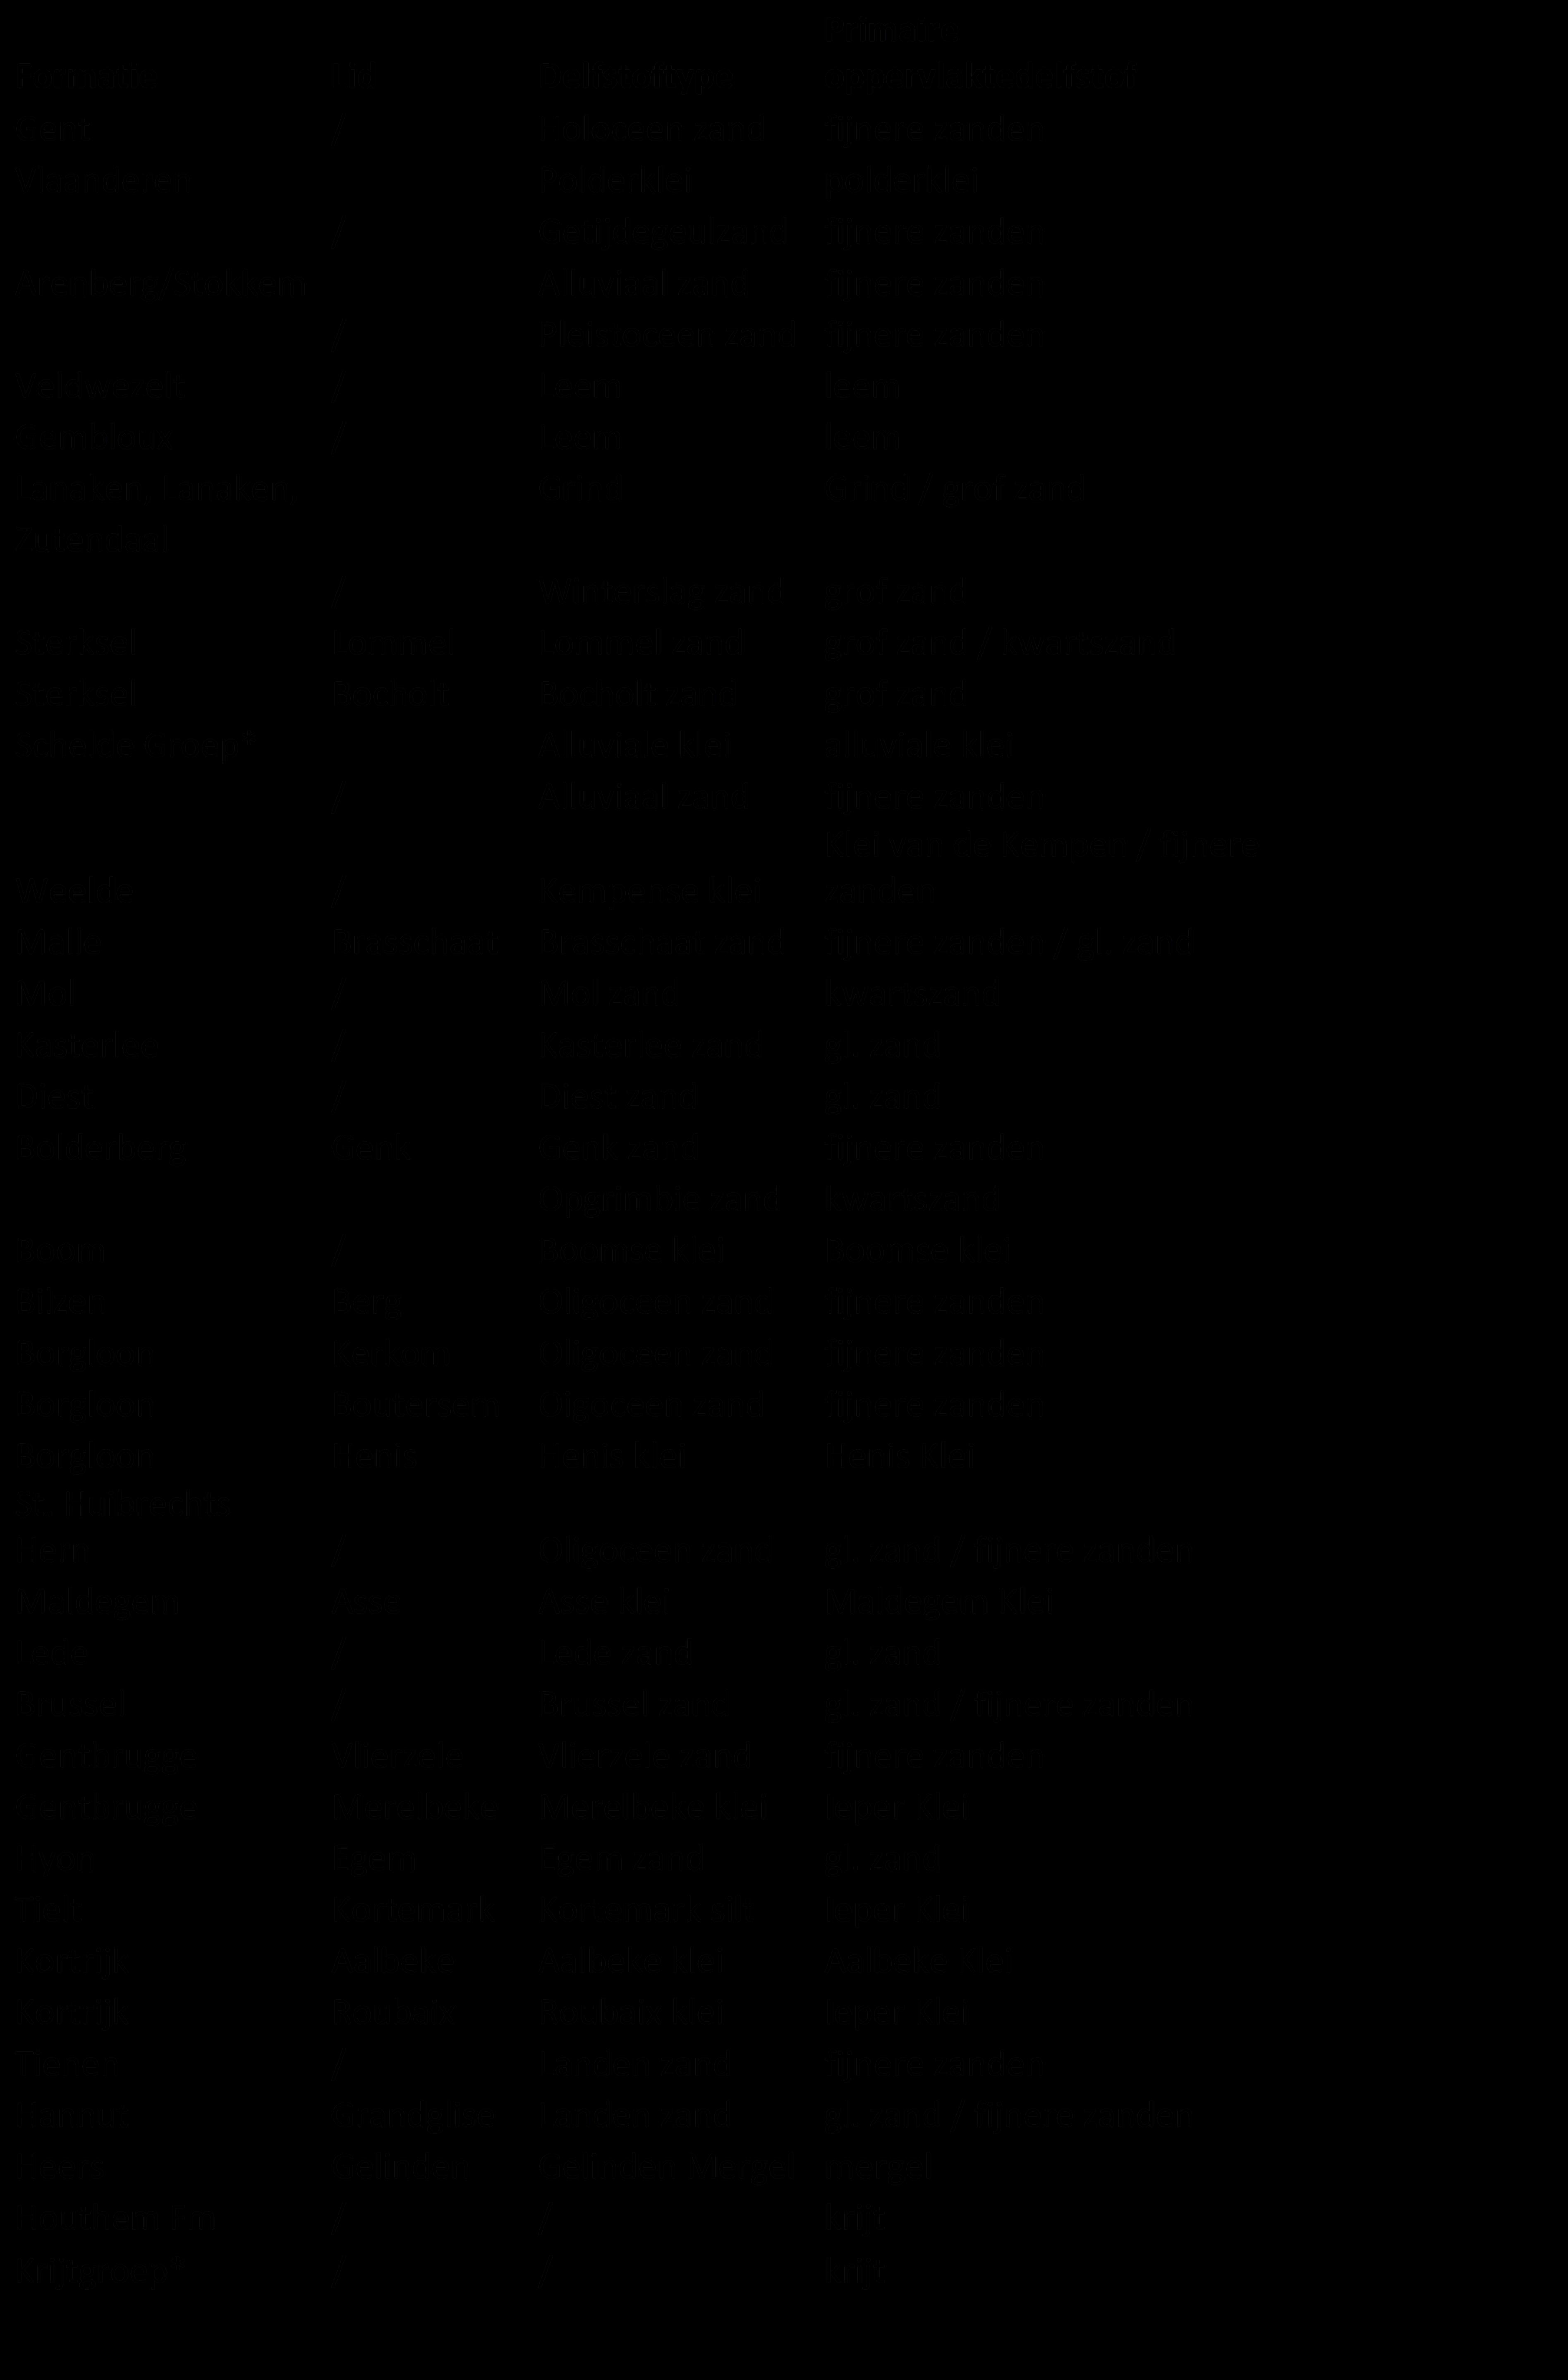 Koppeltabel delfstoffen